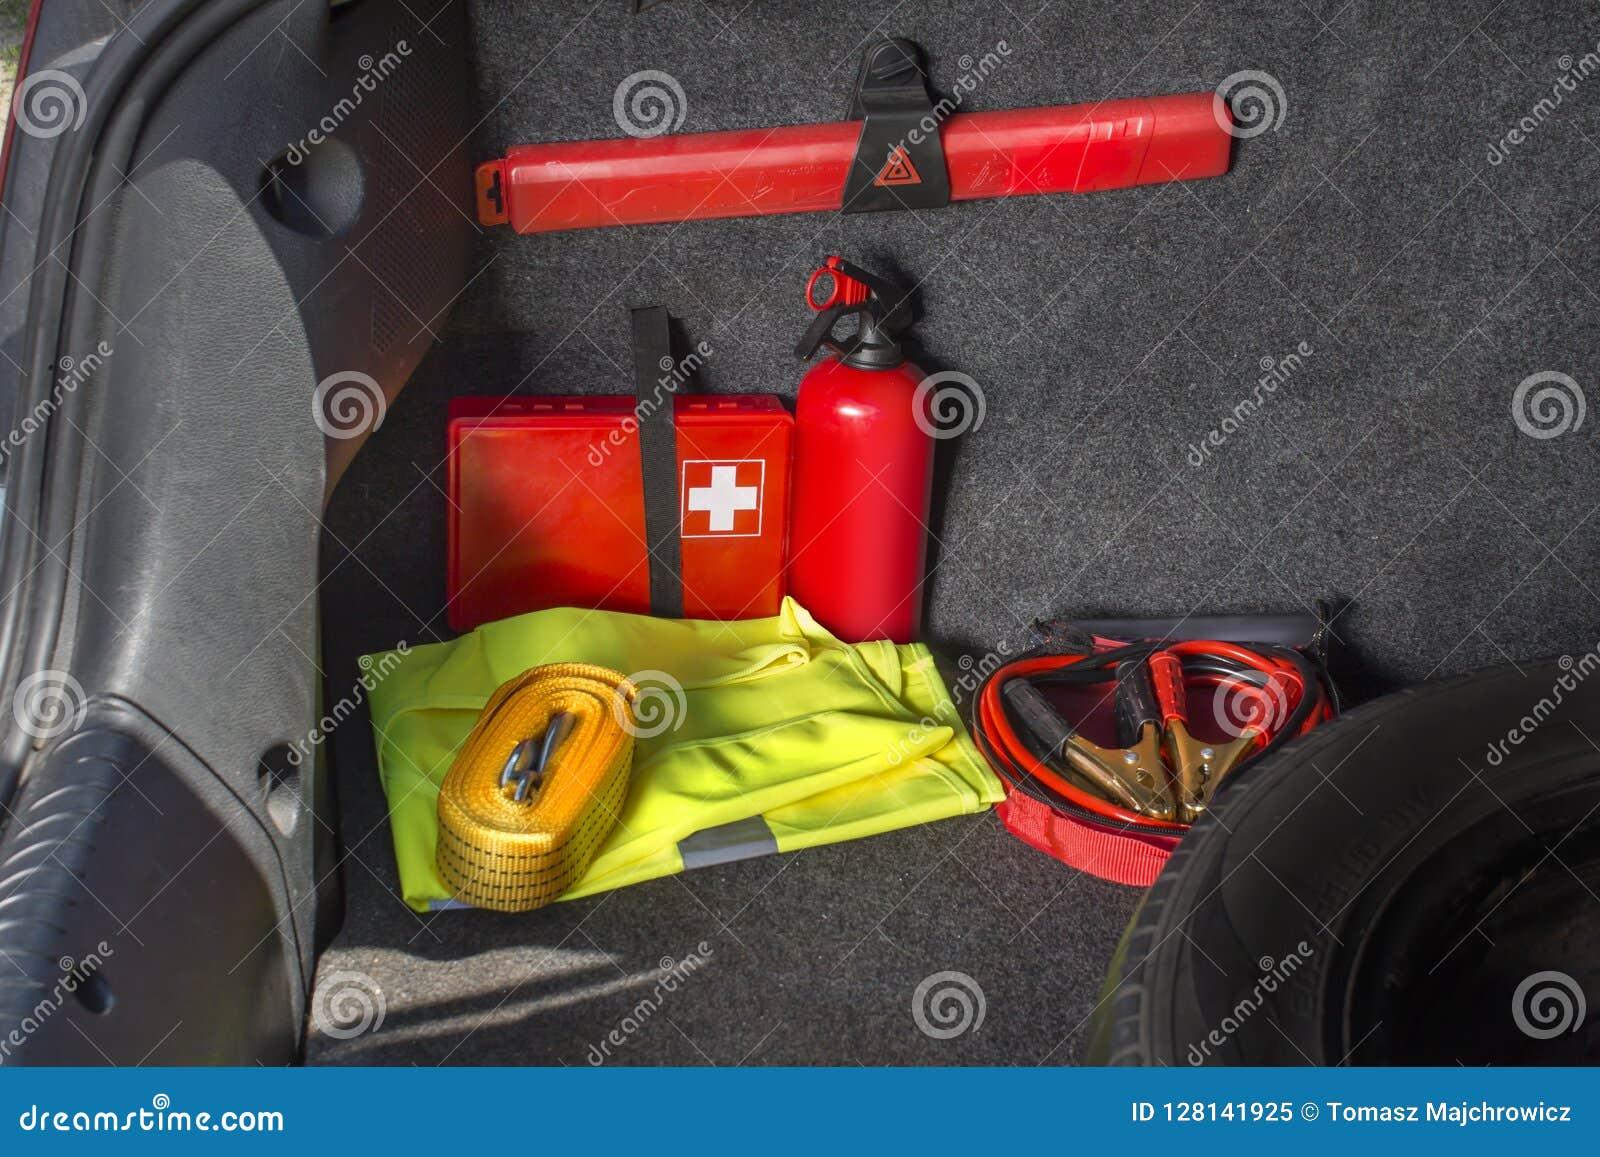 Wnętrze pożarniczy gasidło bagażnik samochód, ostrzegawczy trójbok, odbijająca kamizelka, gwiazda pierwszej pomocy zestaw w który